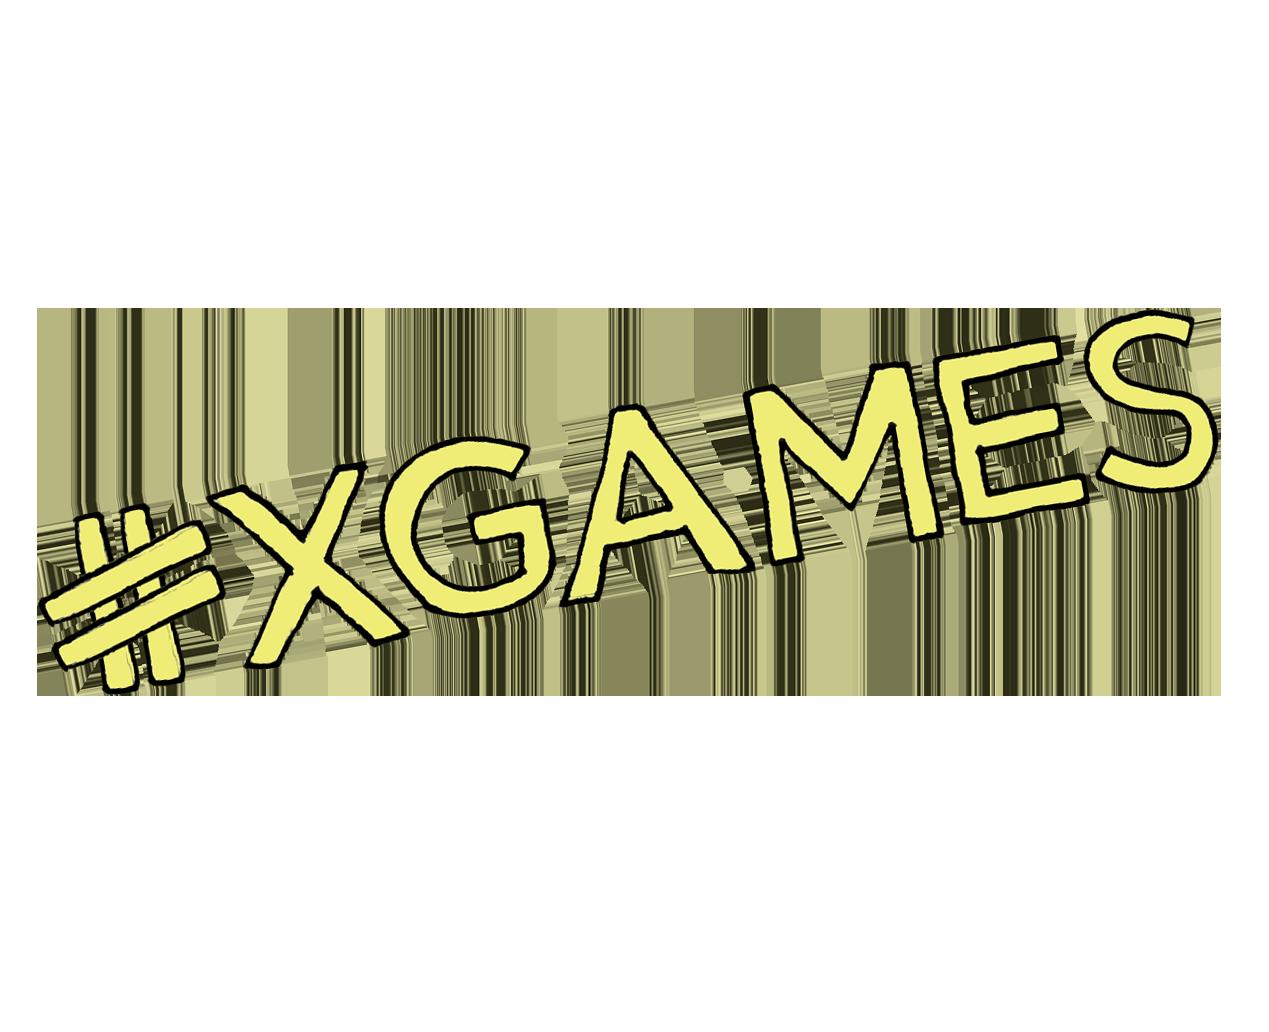 X Games Aspen 2019 messages sticker-1